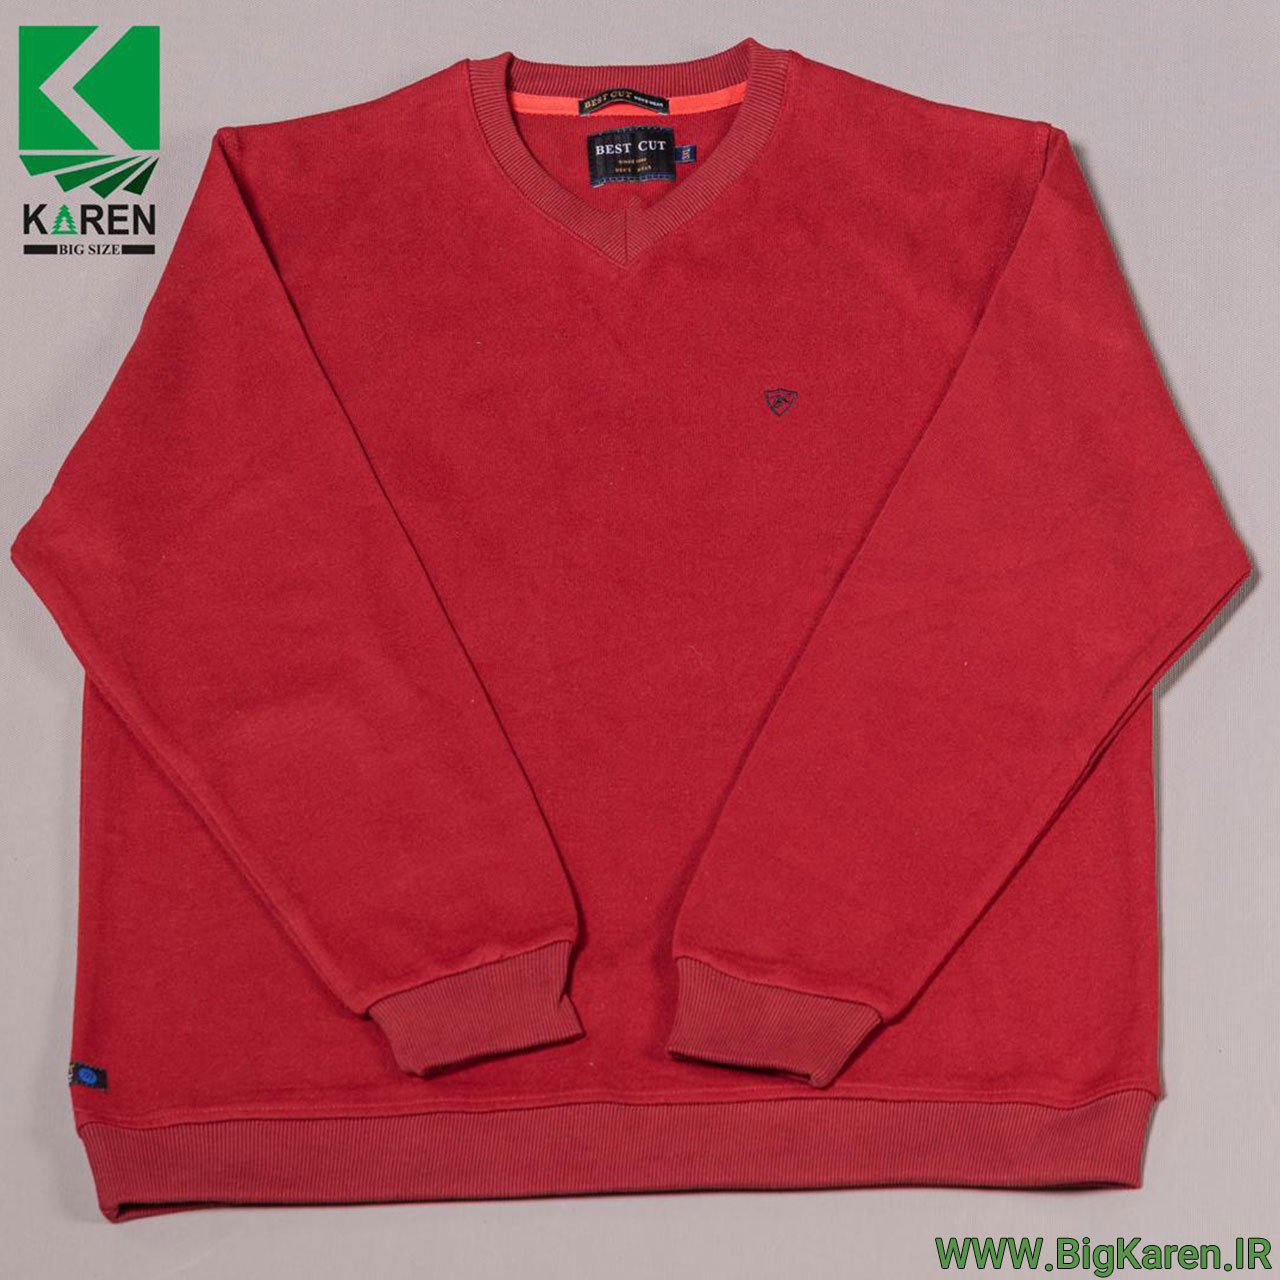 بلوز سایز بزرگ سلانیک یقه هفت مردانه رنگ قرمز خرید اینترنتی از سایت بیگ کارن